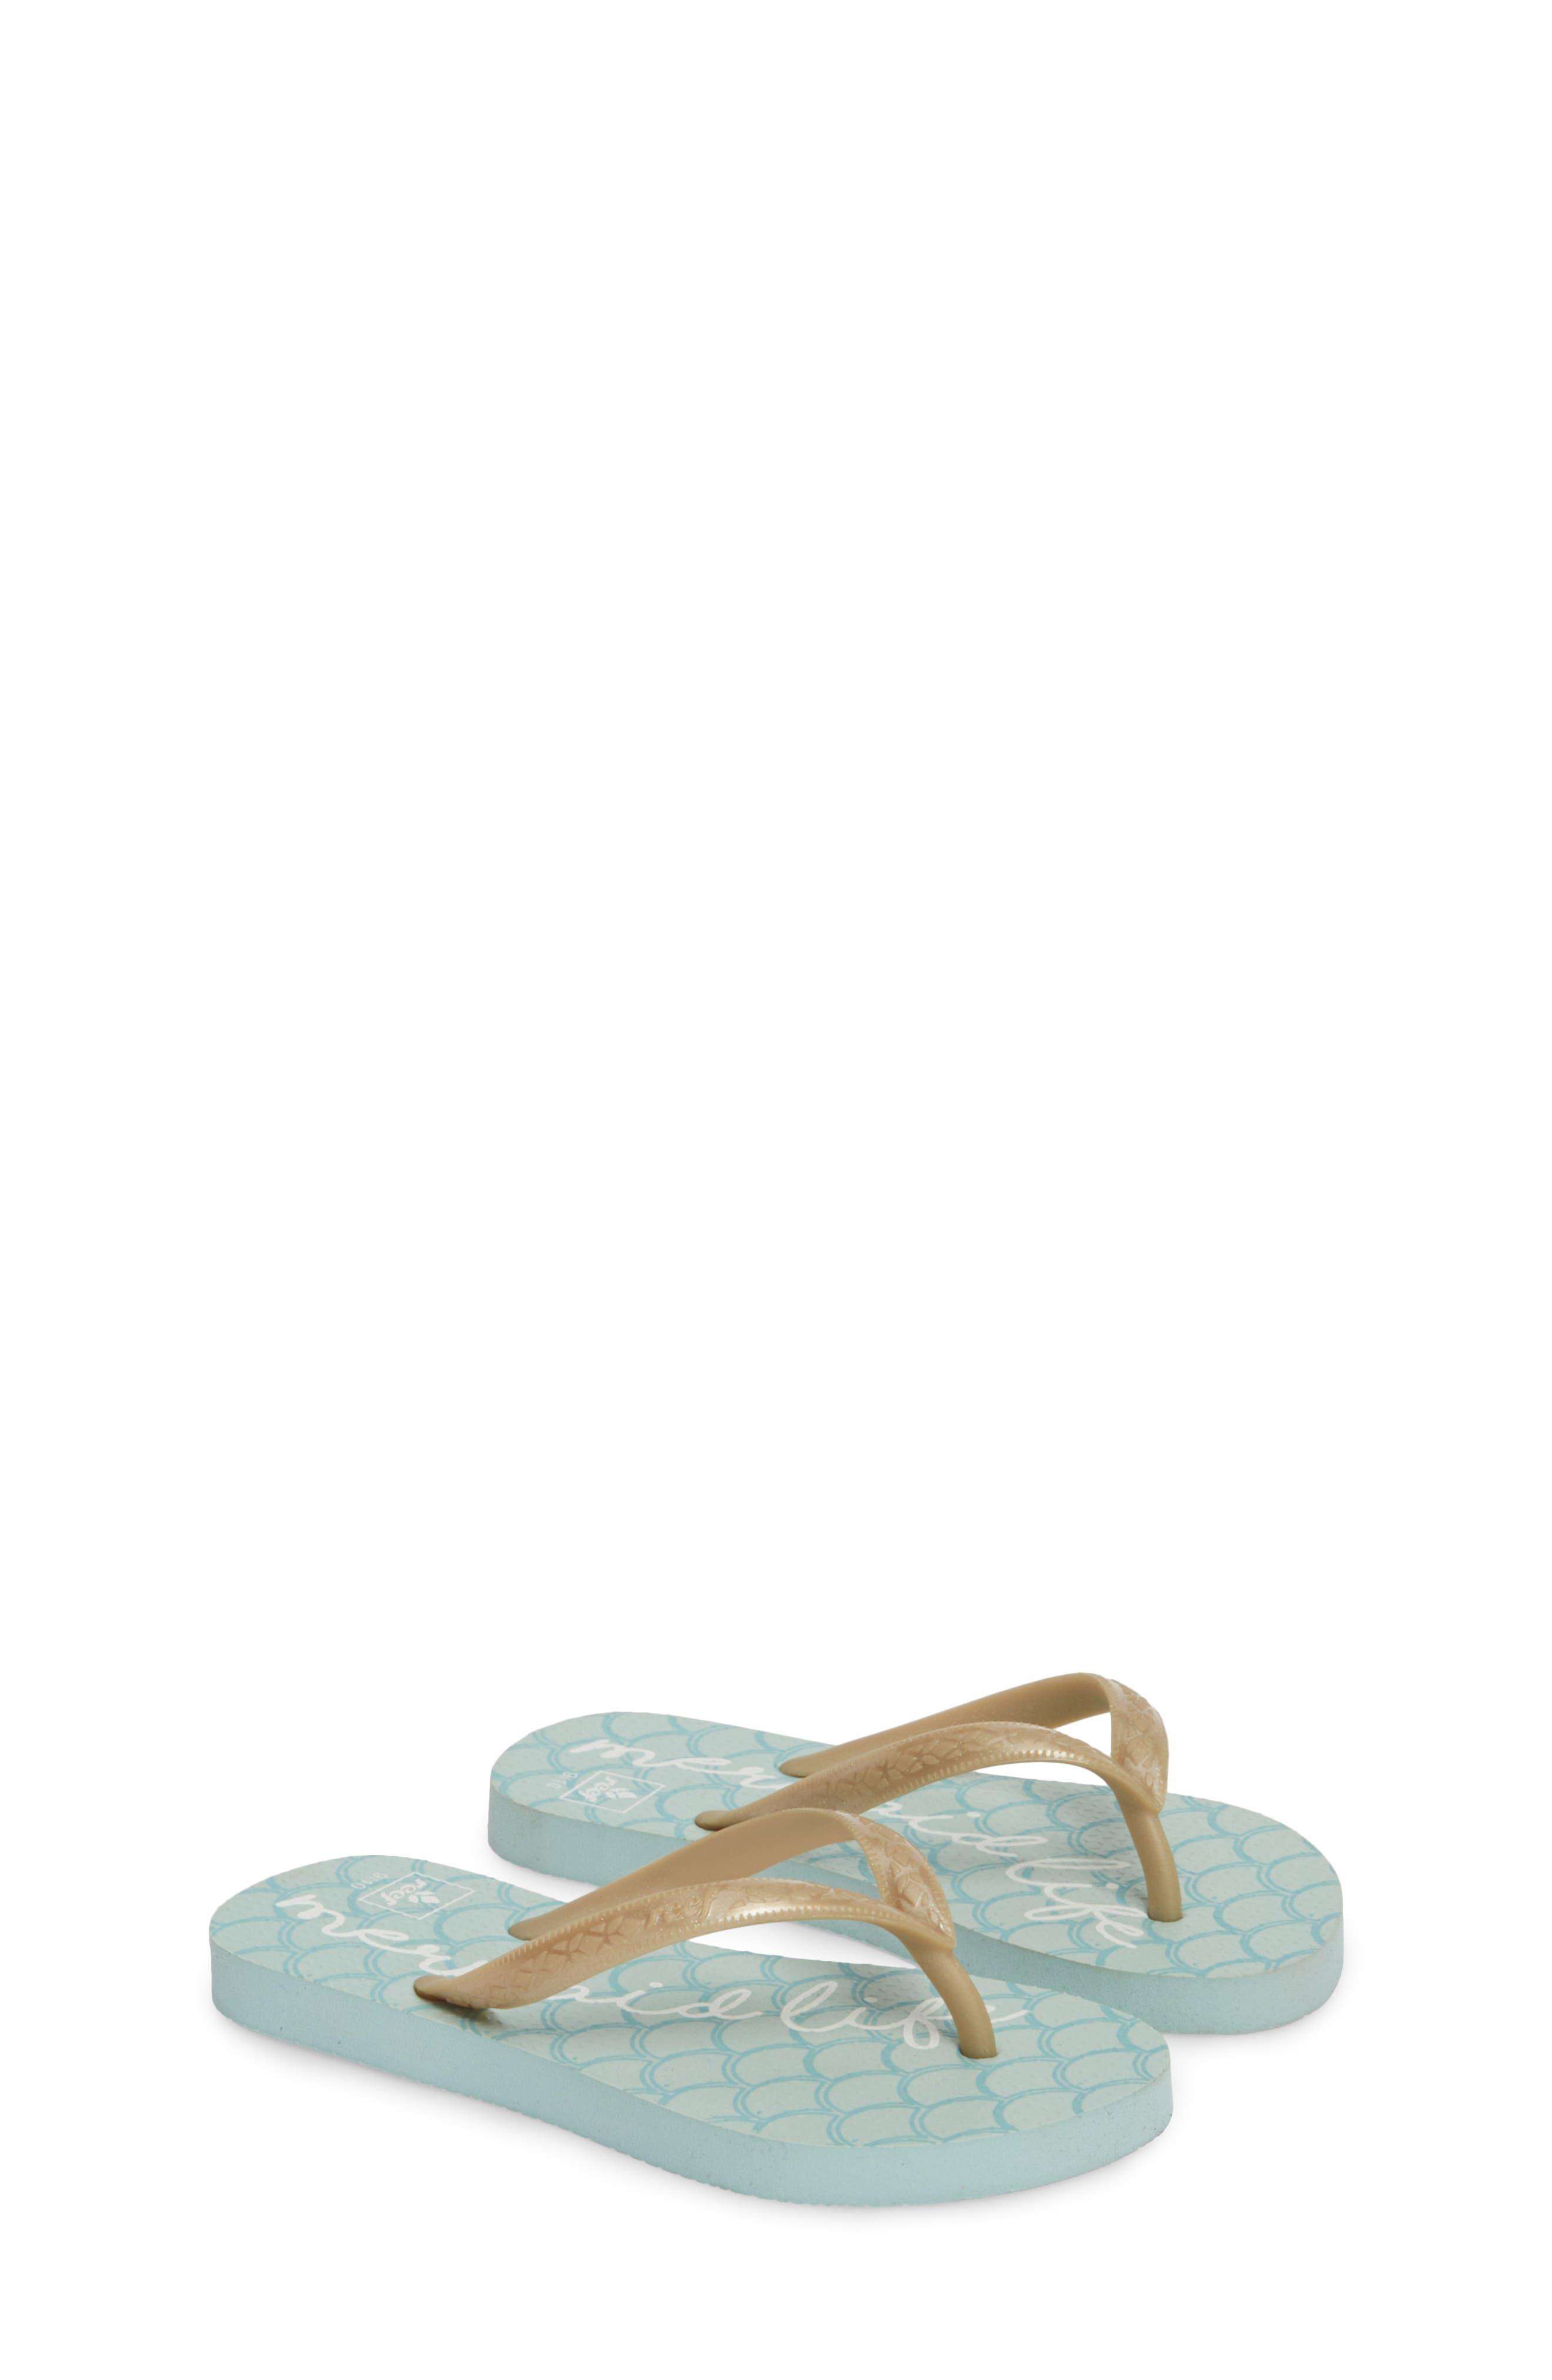 Little Reef Escape Flip Flops,                             Alternate thumbnail 2, color,                             403